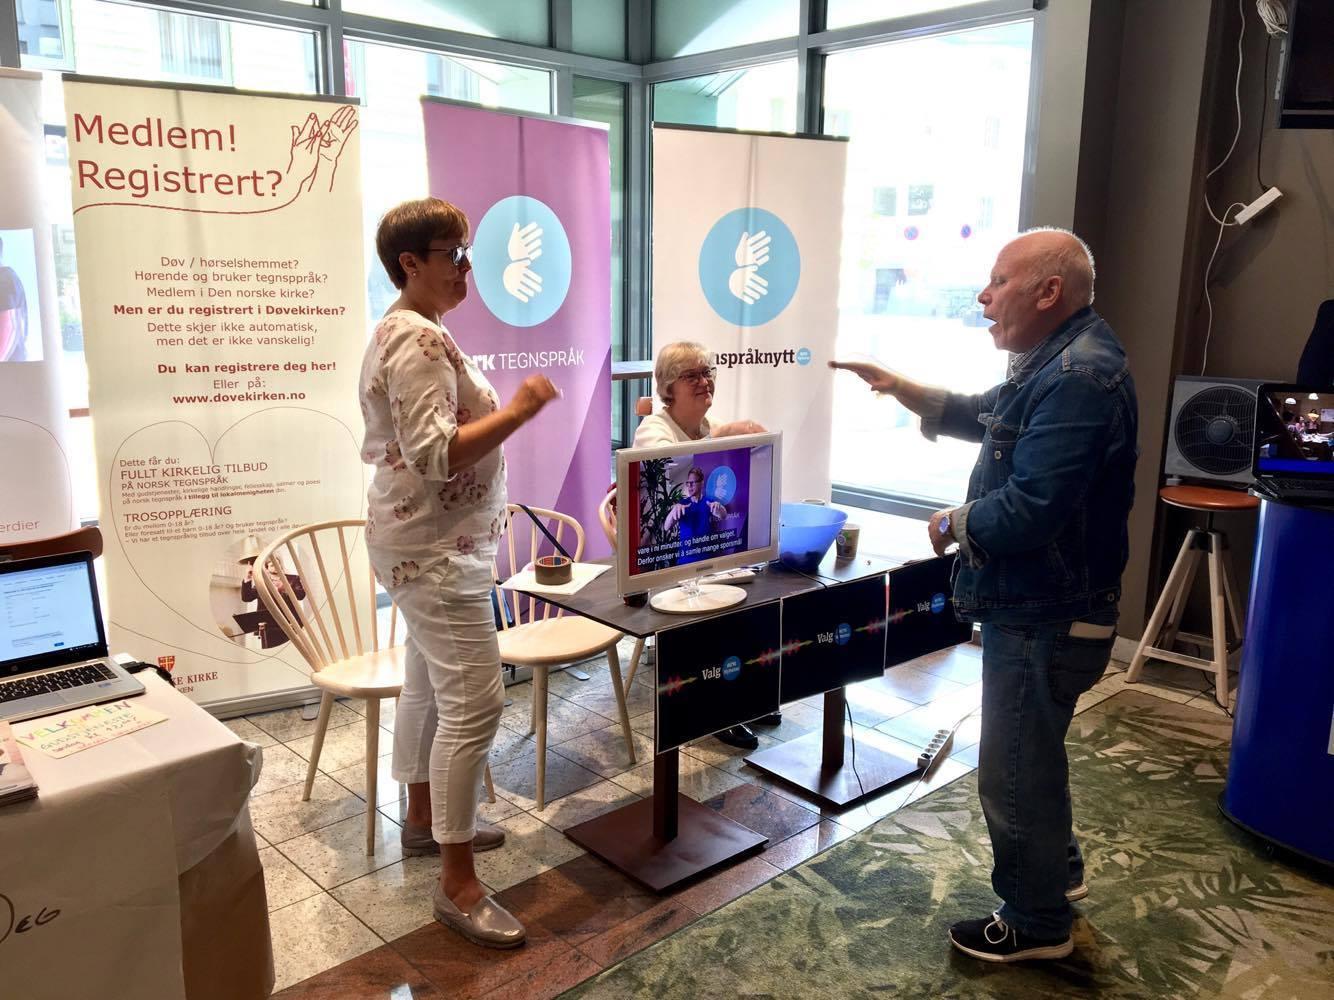 NRK-tegnspråk sin stand. En eldre mann diskuterer med to kvinner fra NRK-tegnspråk.